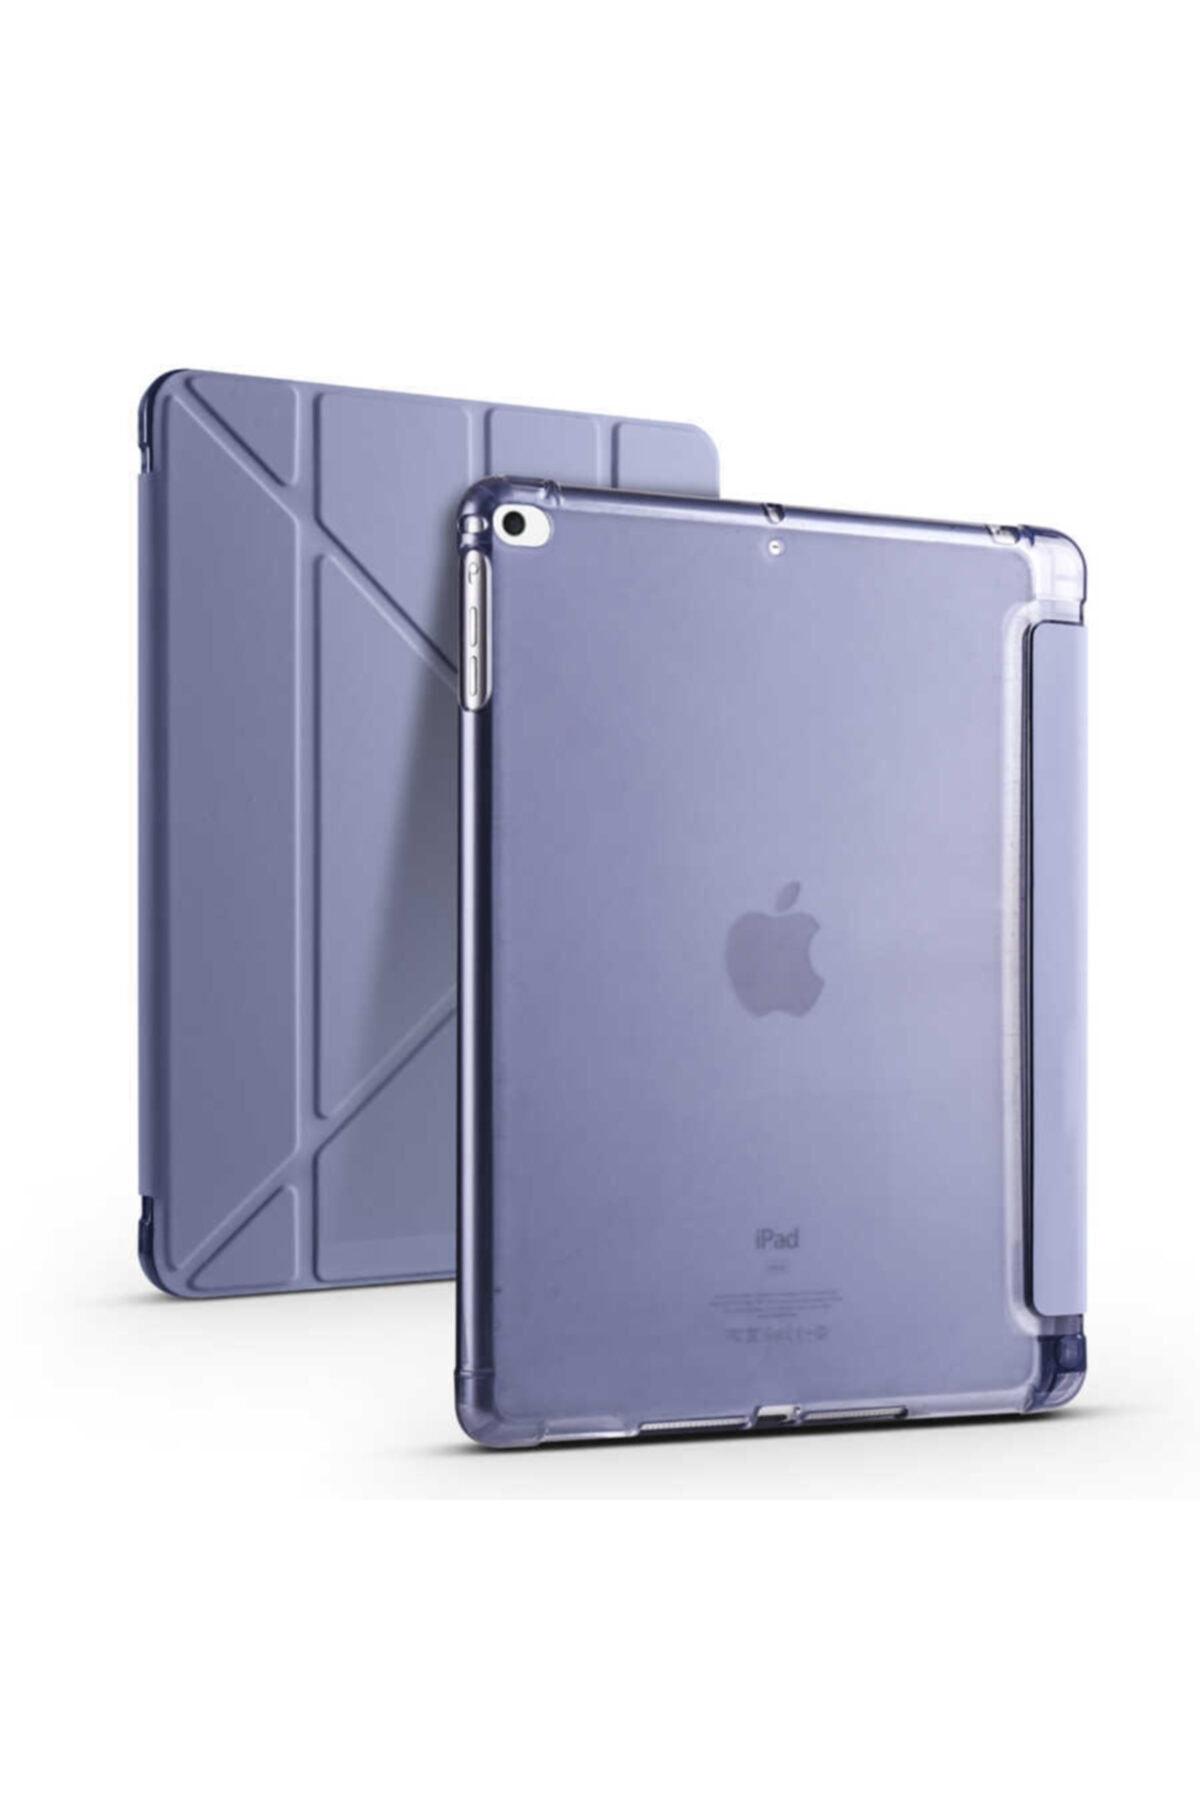 carına vannı Apple Ipad 9.7 2018 Uyumlu Mor,kalem Bölmeli Katlanabilir Tablet Kılıfı,standlı Kılıf Pnd 1